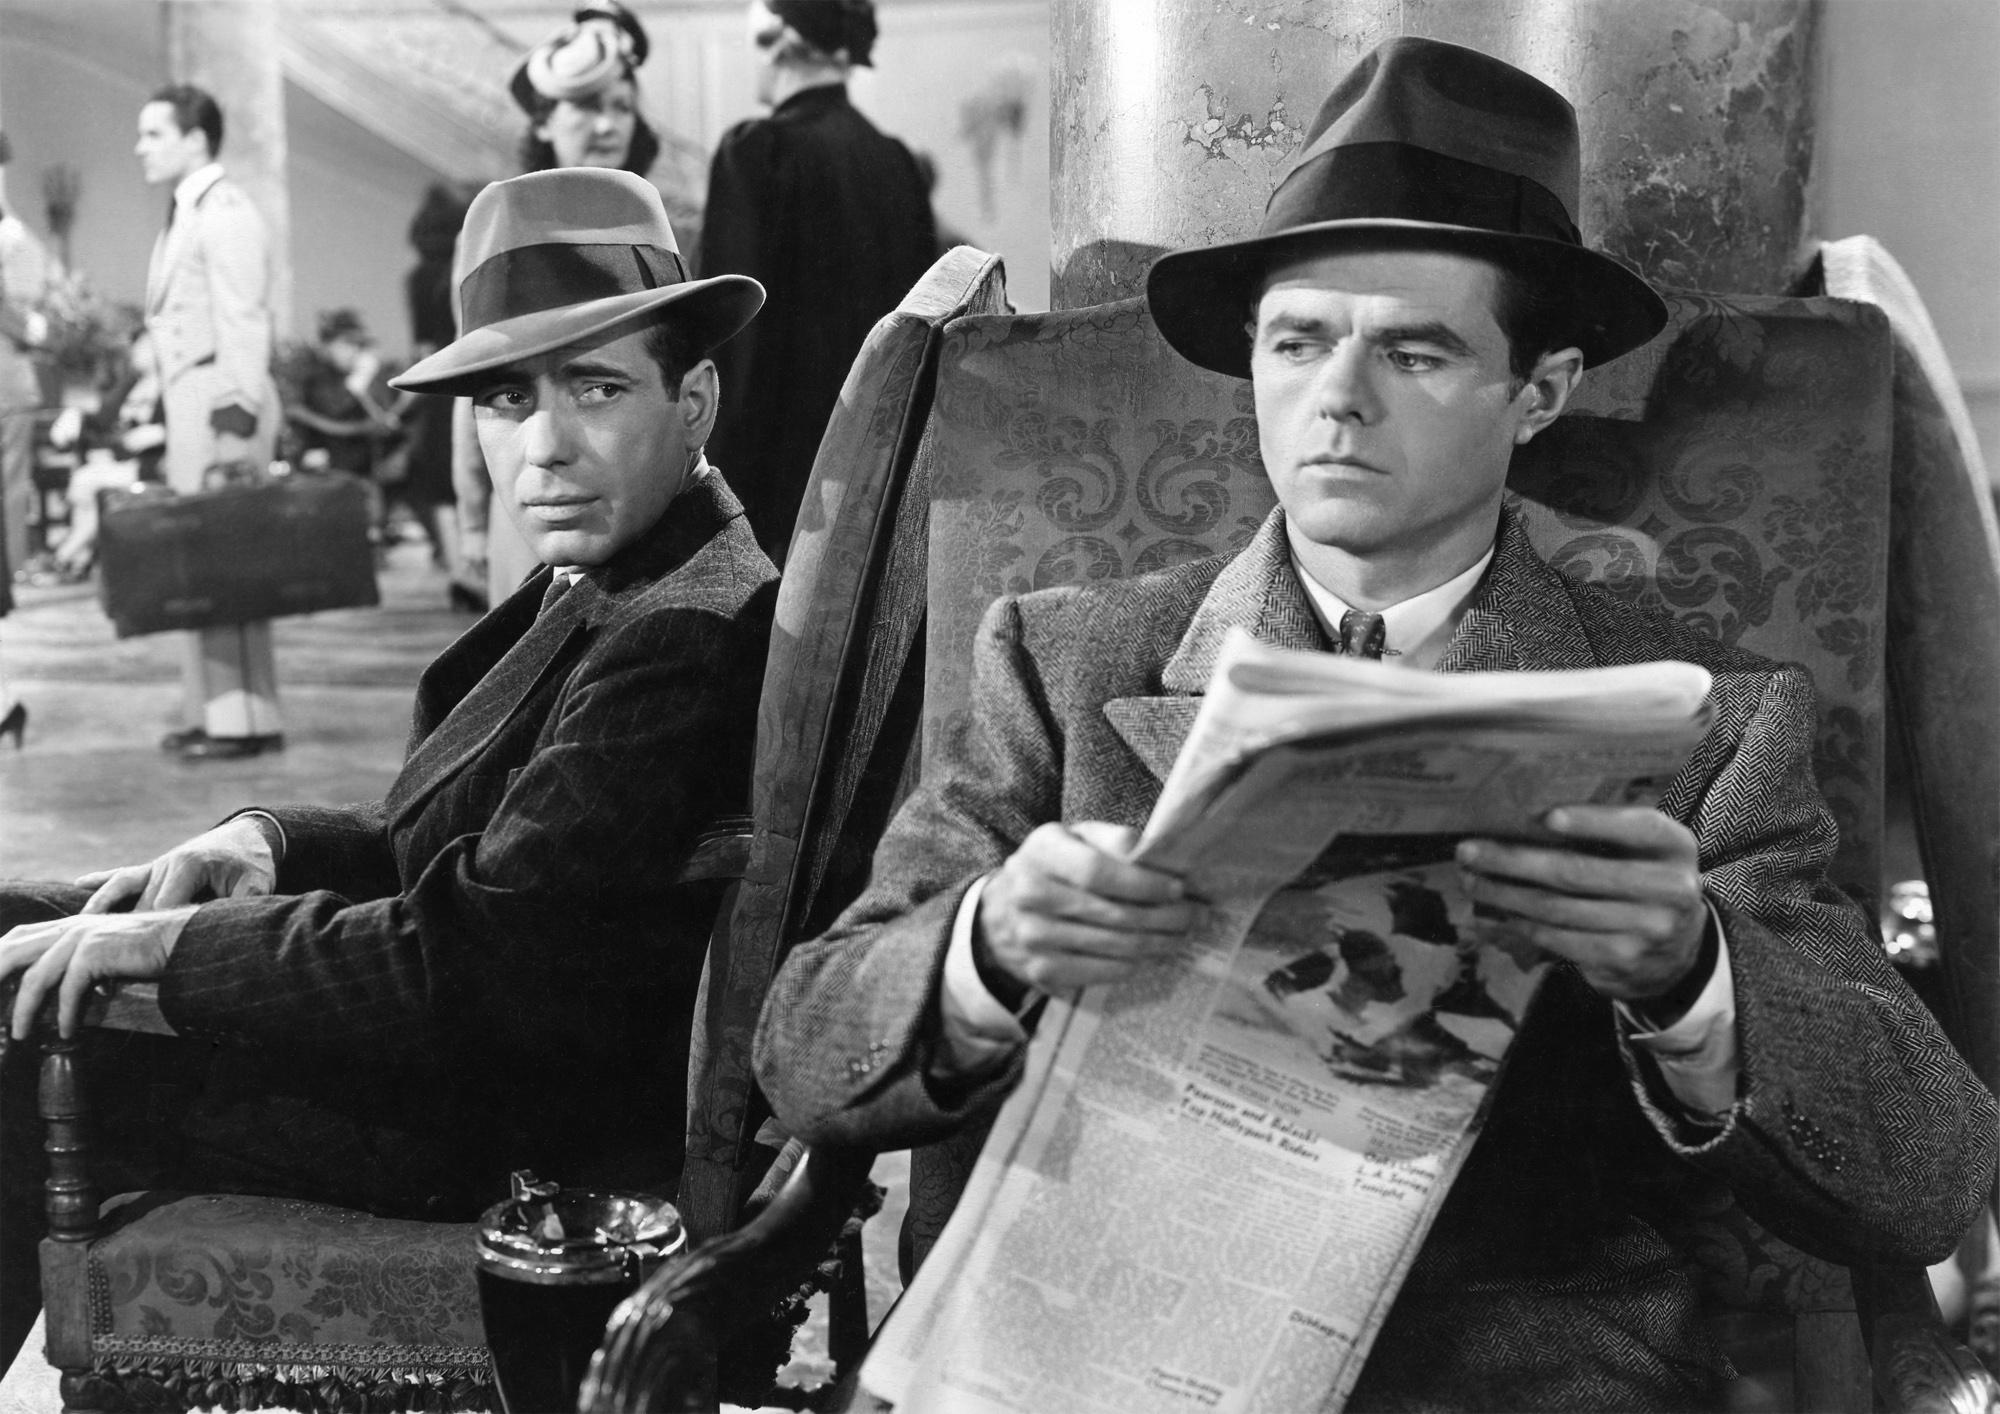 http://www.gablescinema.com/media/filmassets/slides/Annex-Bogart-Humphrey-Maltese-Falcon-The_04.jpg